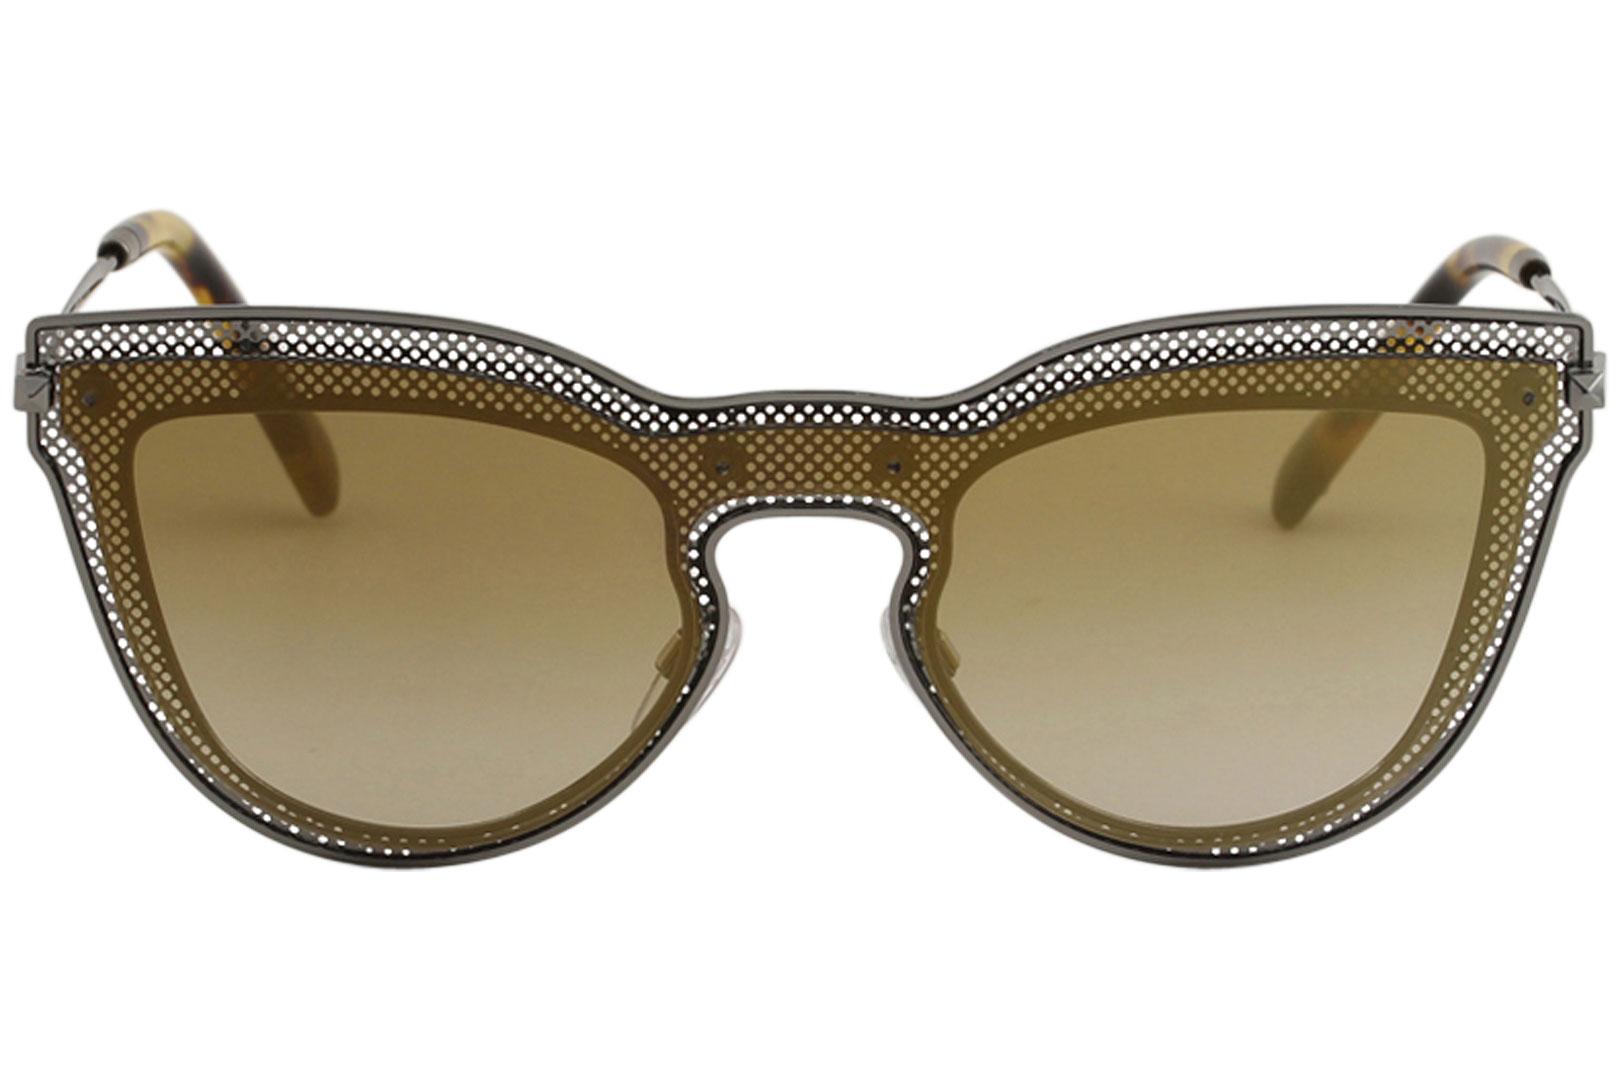 0cd0b63ba7e40 Valentino Women's VA2018 VA/2018 Fashion Cat Eye Sunglasses by Valentino.  12345